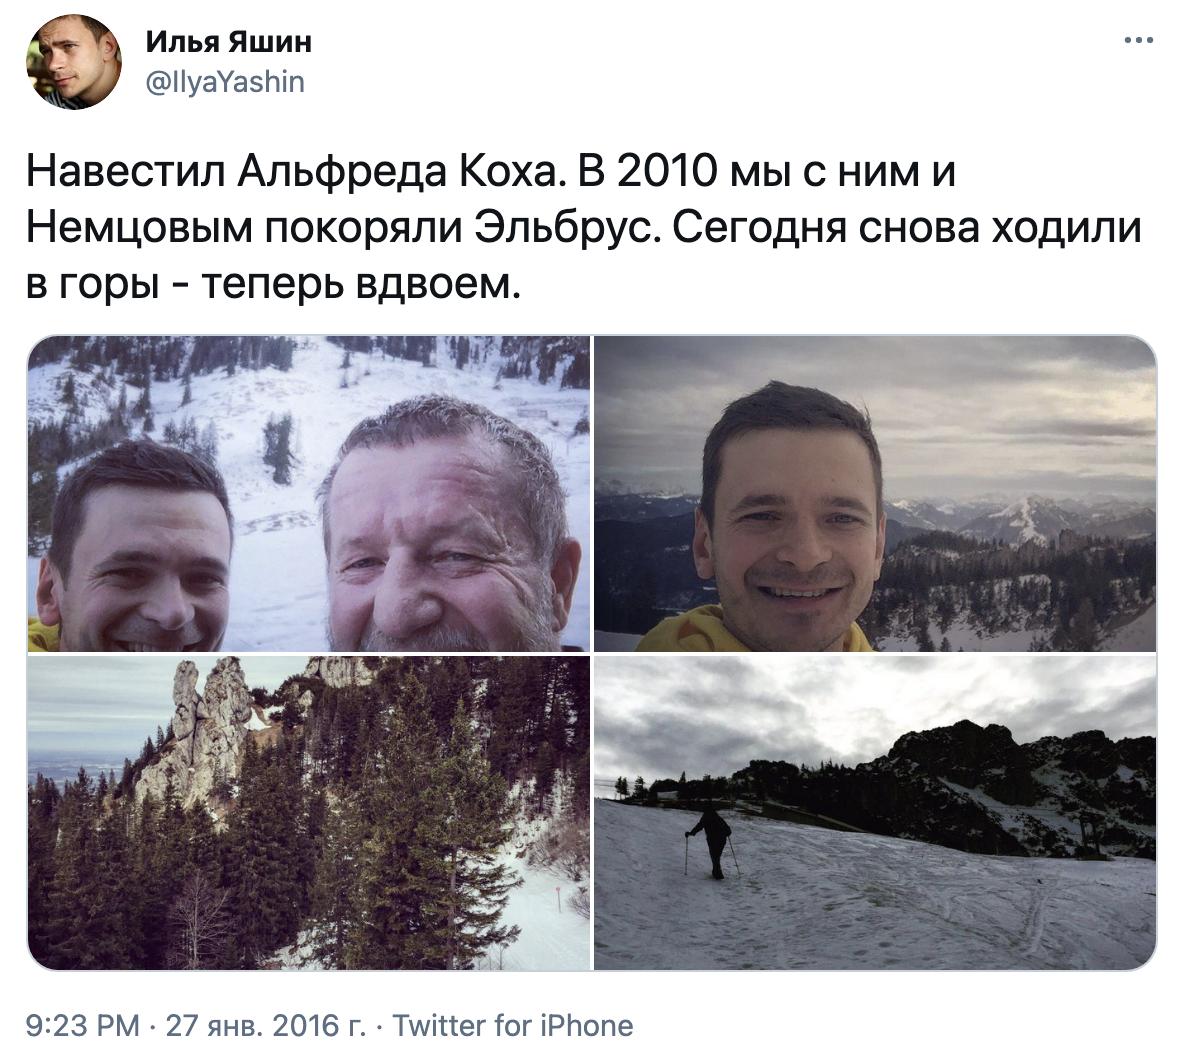 «Готовый сценарист для Голливуда»: RT ознакомился со связываемой с Ильёй Яшиным перепиской в Telegram9